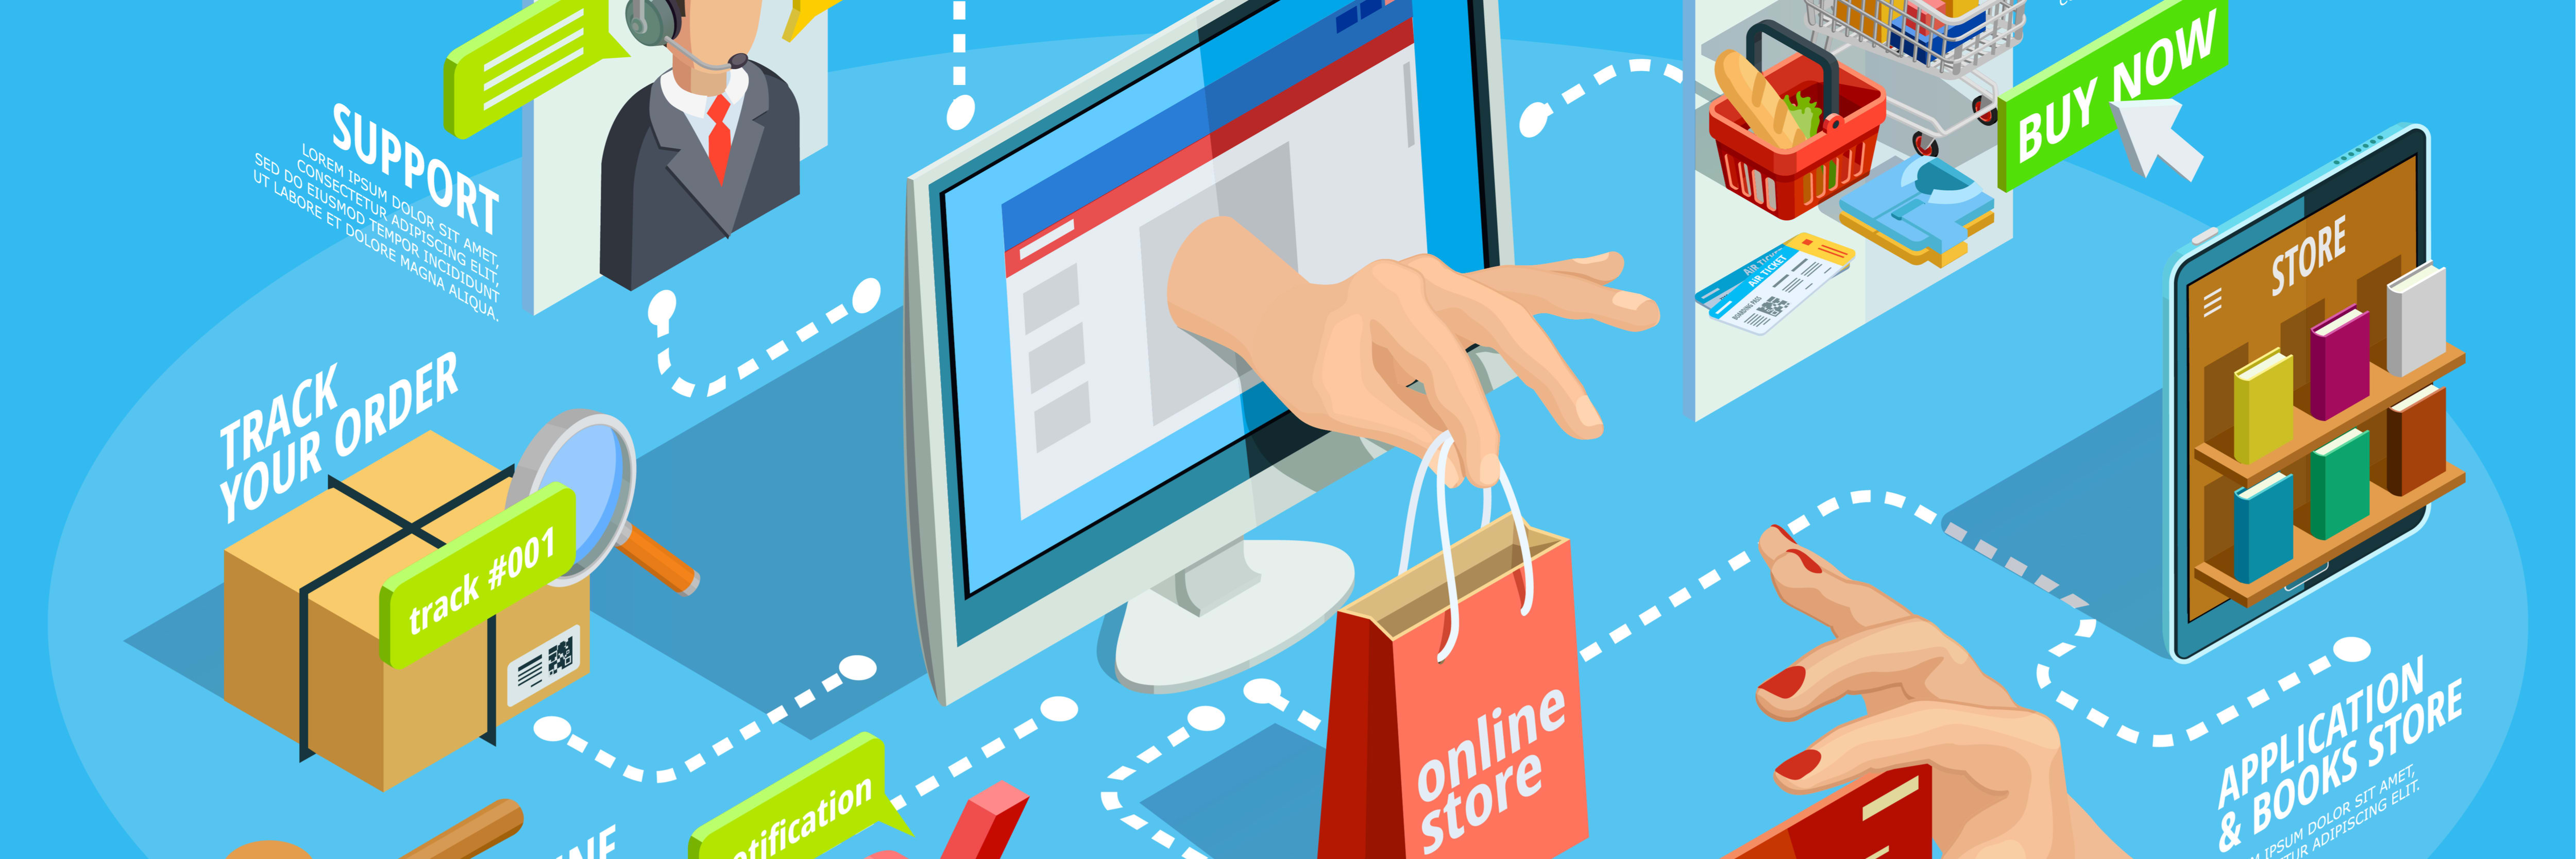 eCommerce main image